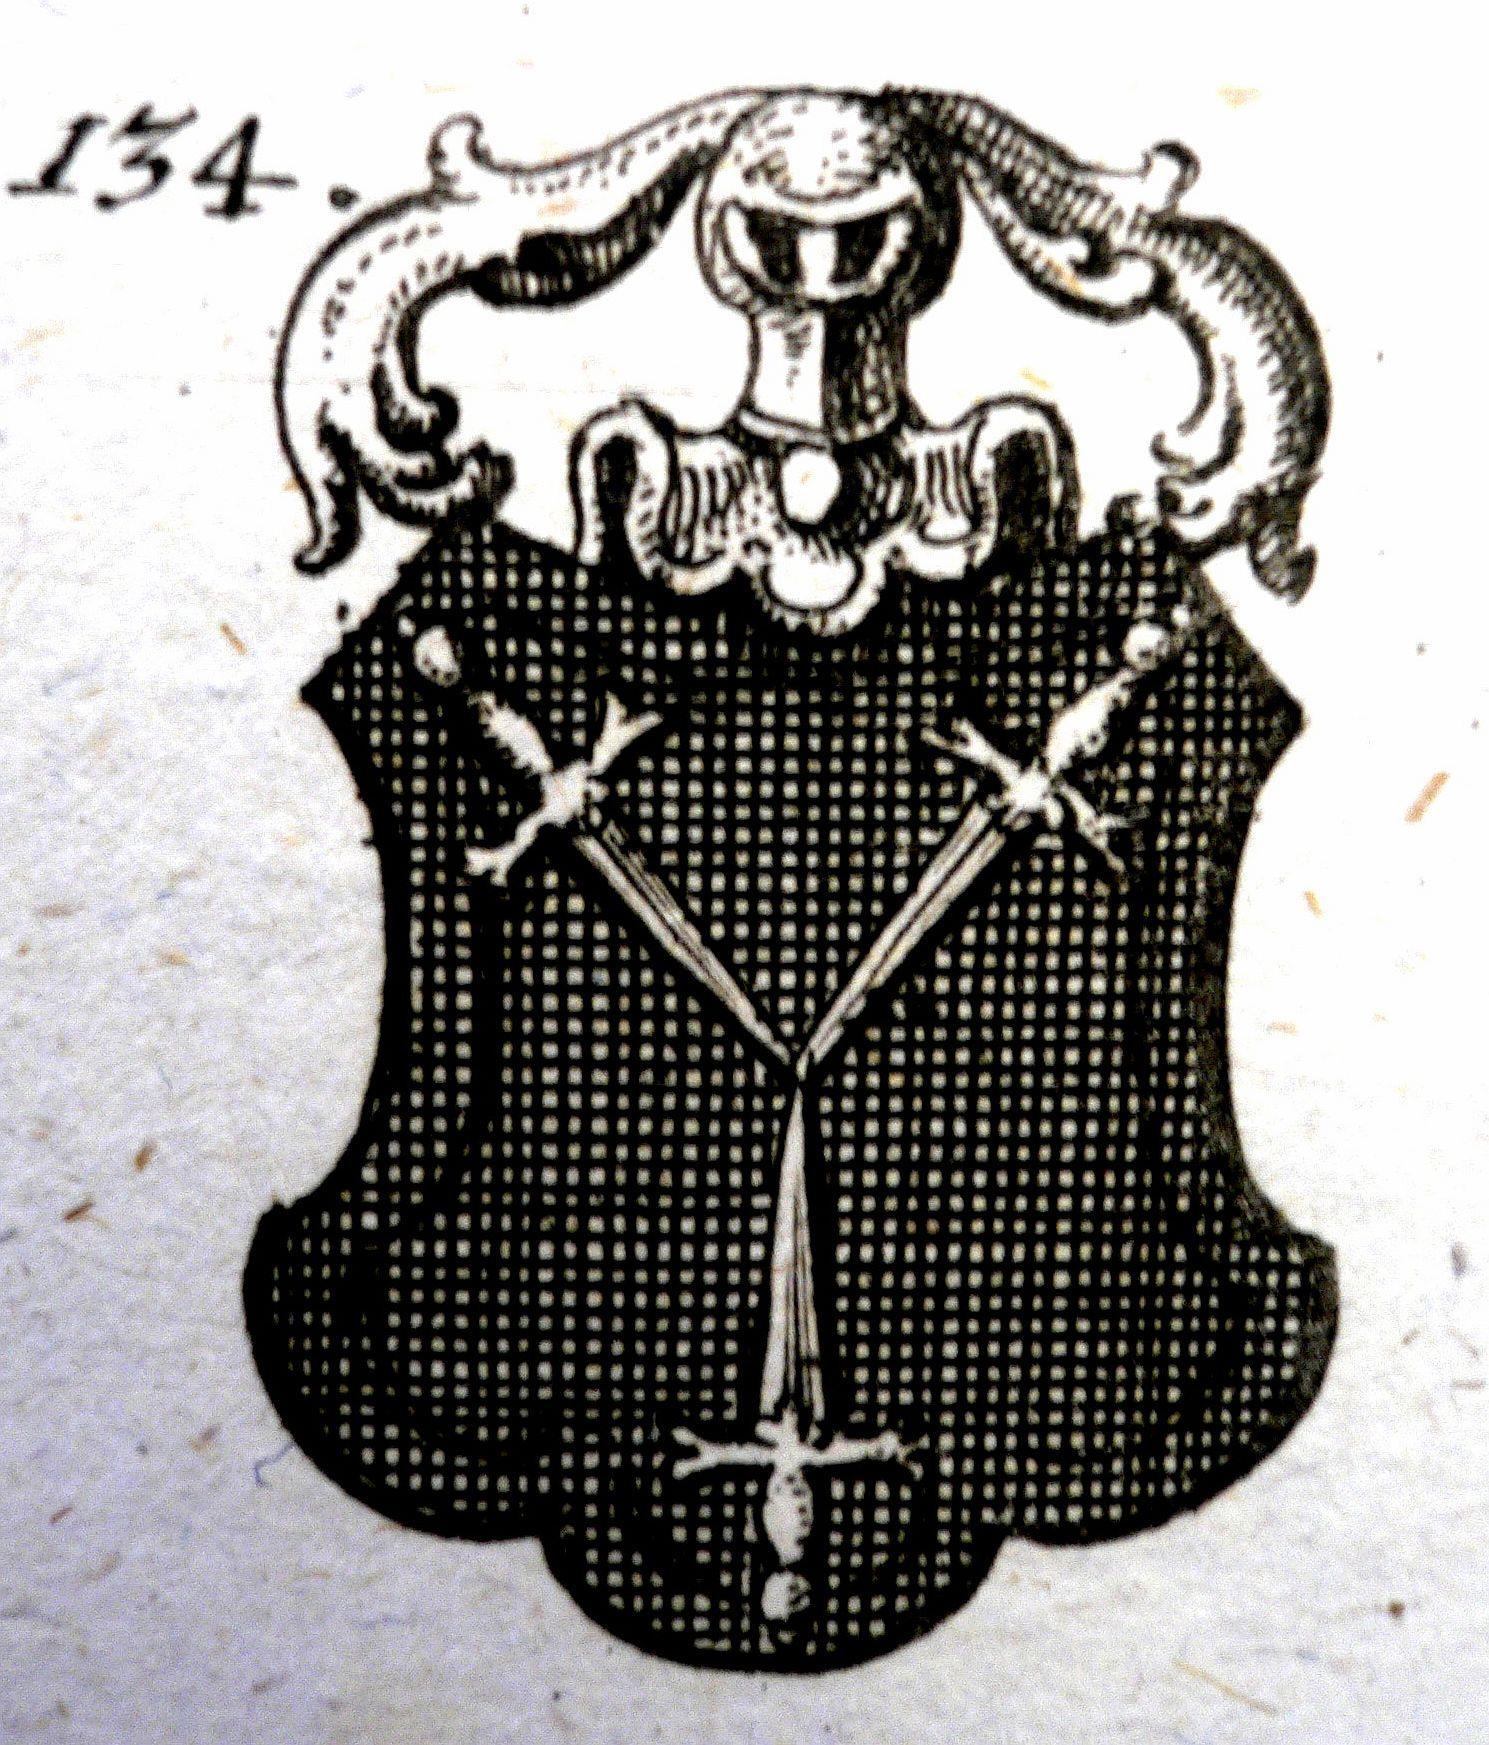 monumentaboica1-019-kopie